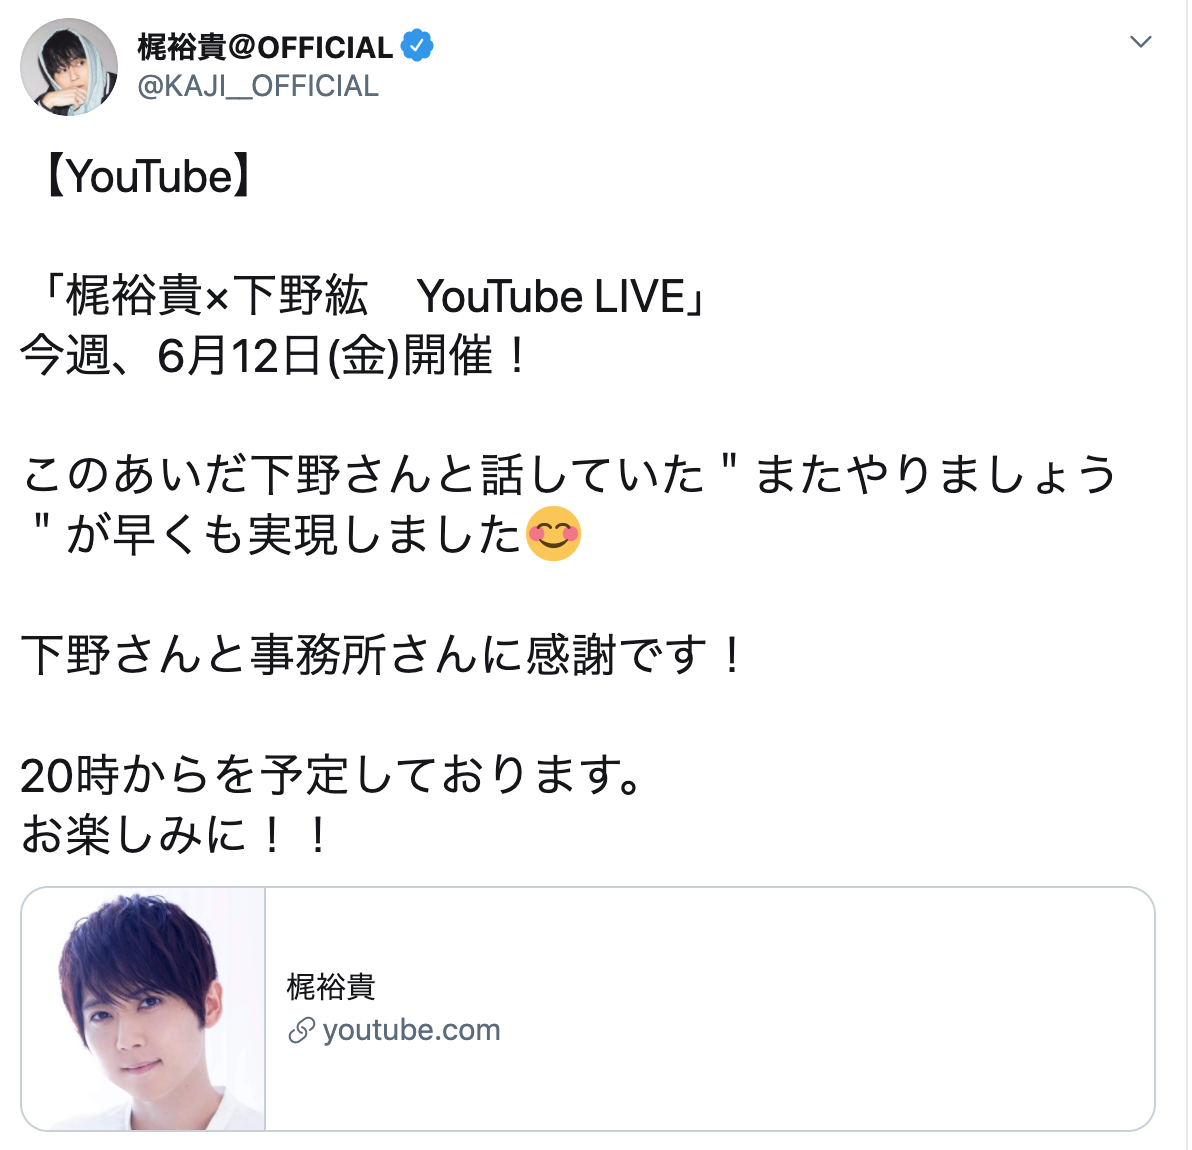 声優・梶裕貴さん×下野紘さんYouTubeにてコラボ生配信決定!